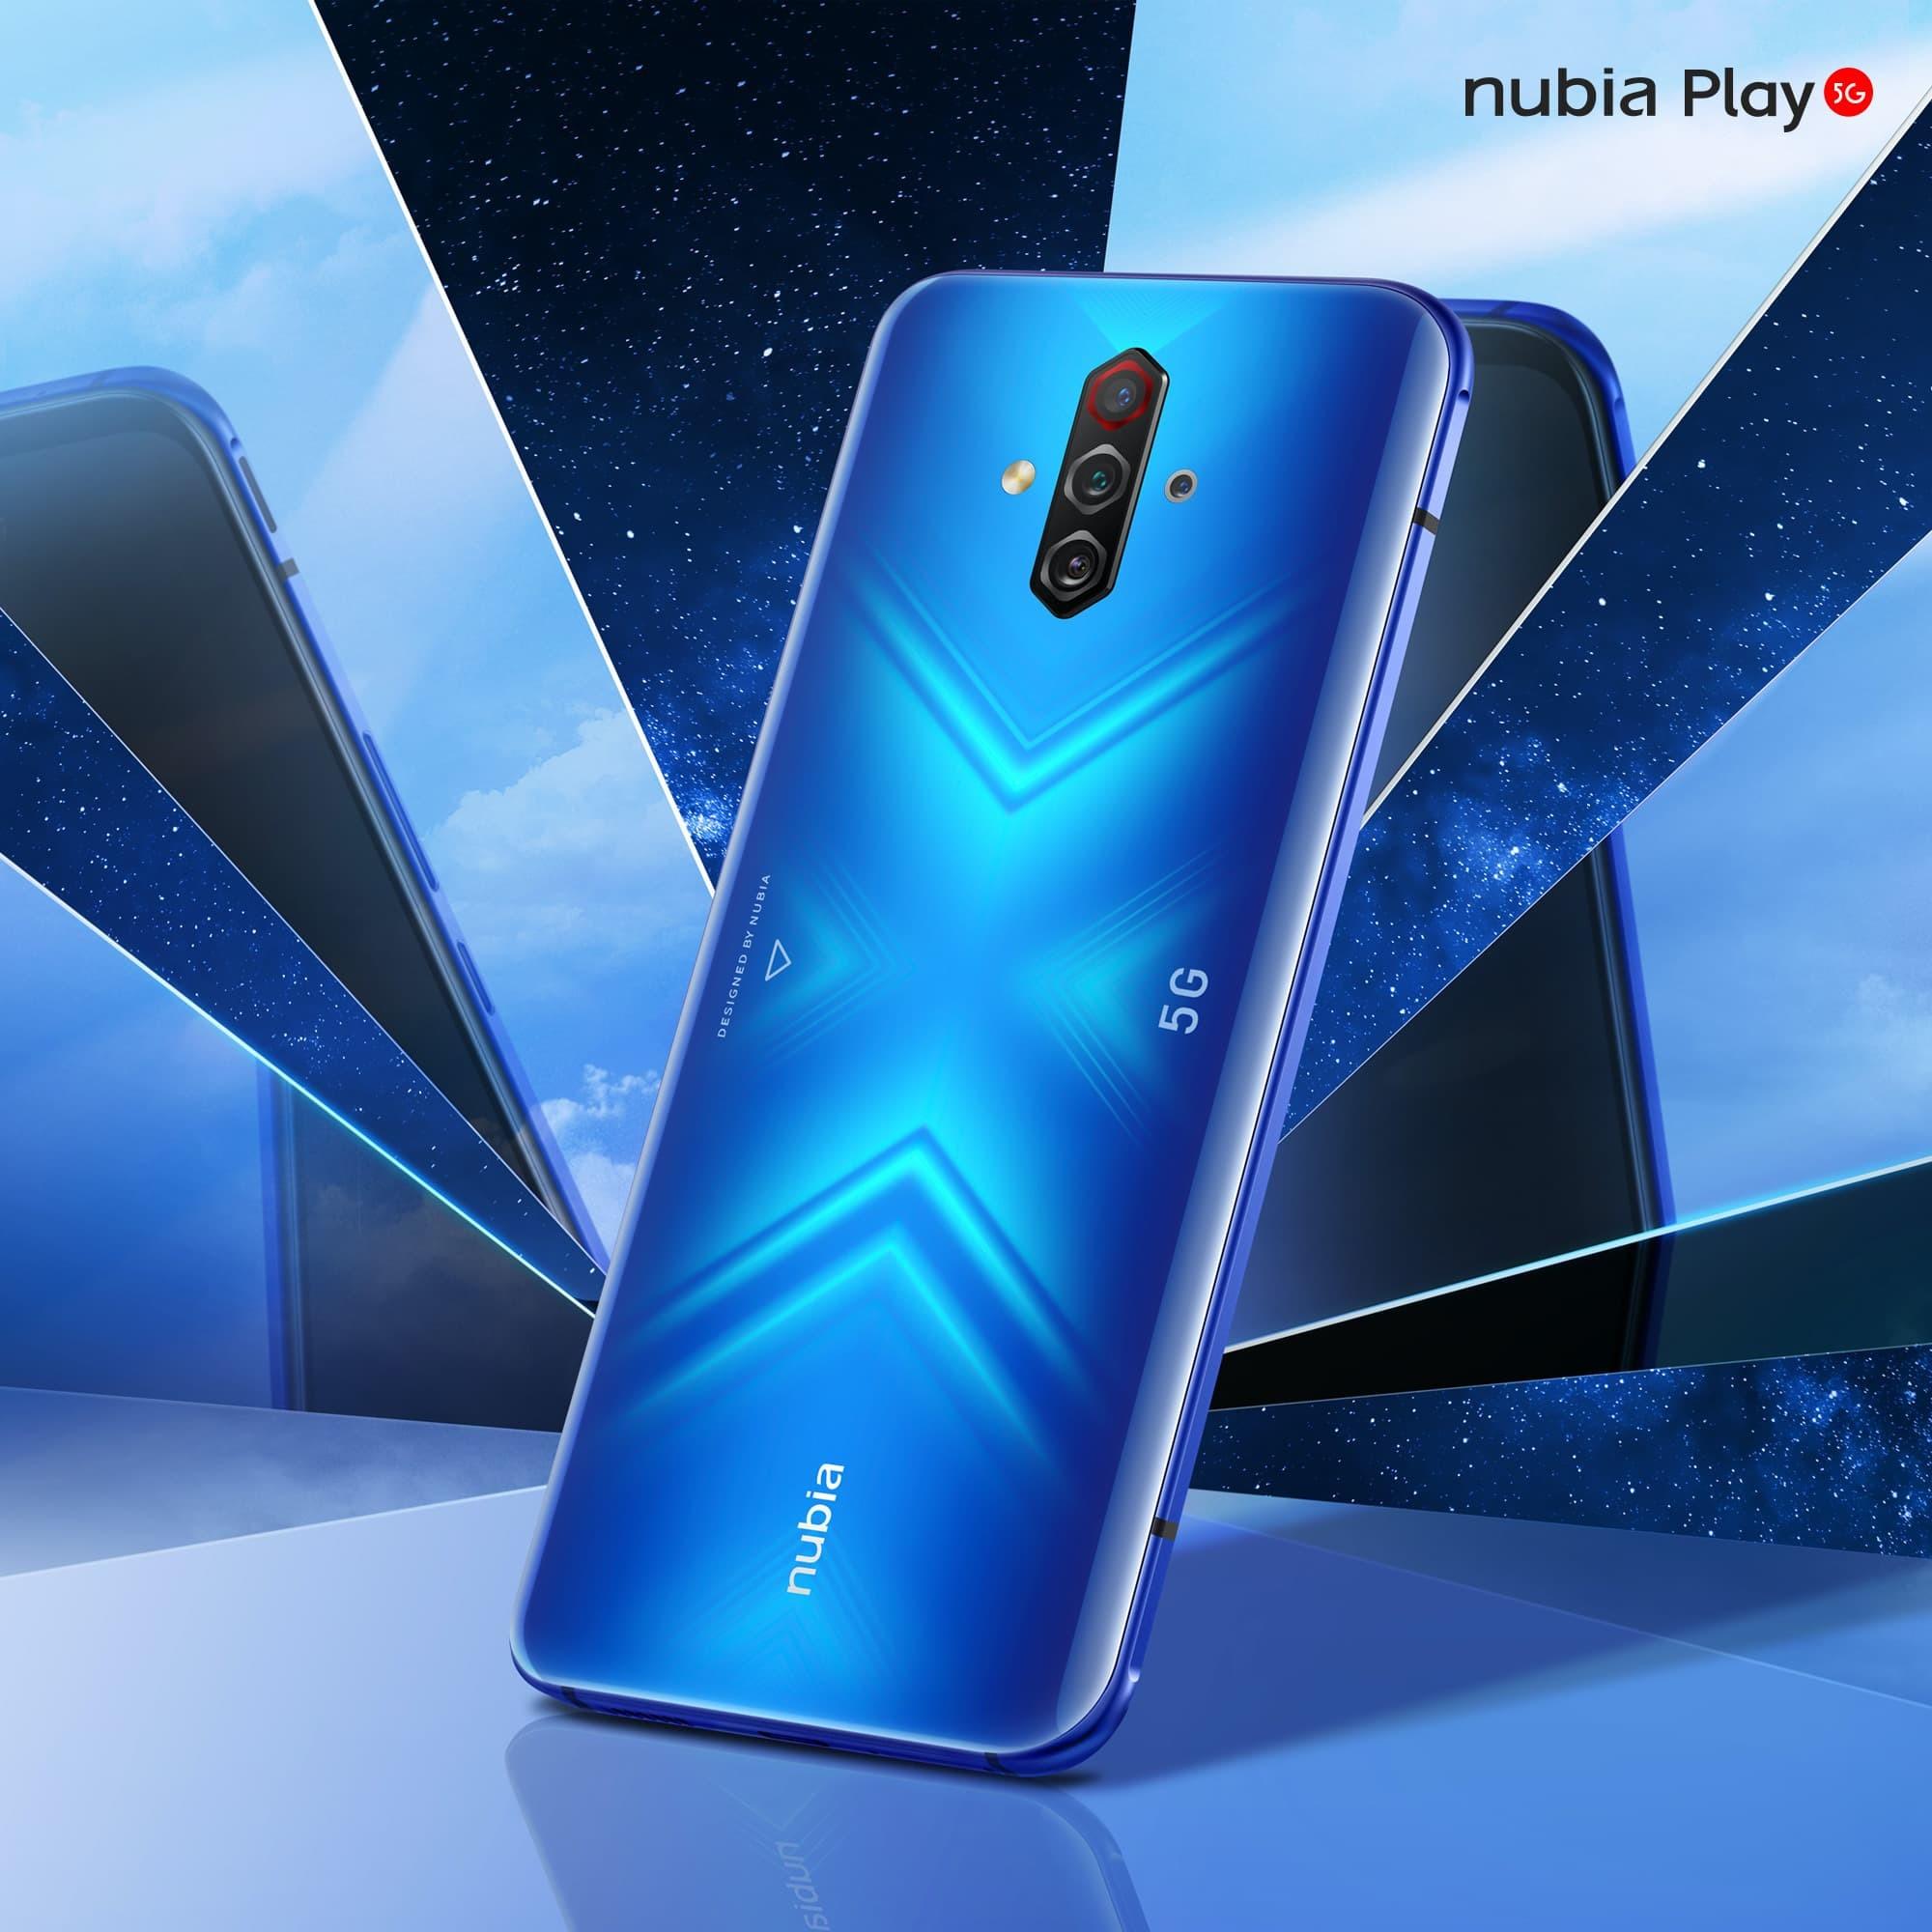 Nubia Play 5G Blue